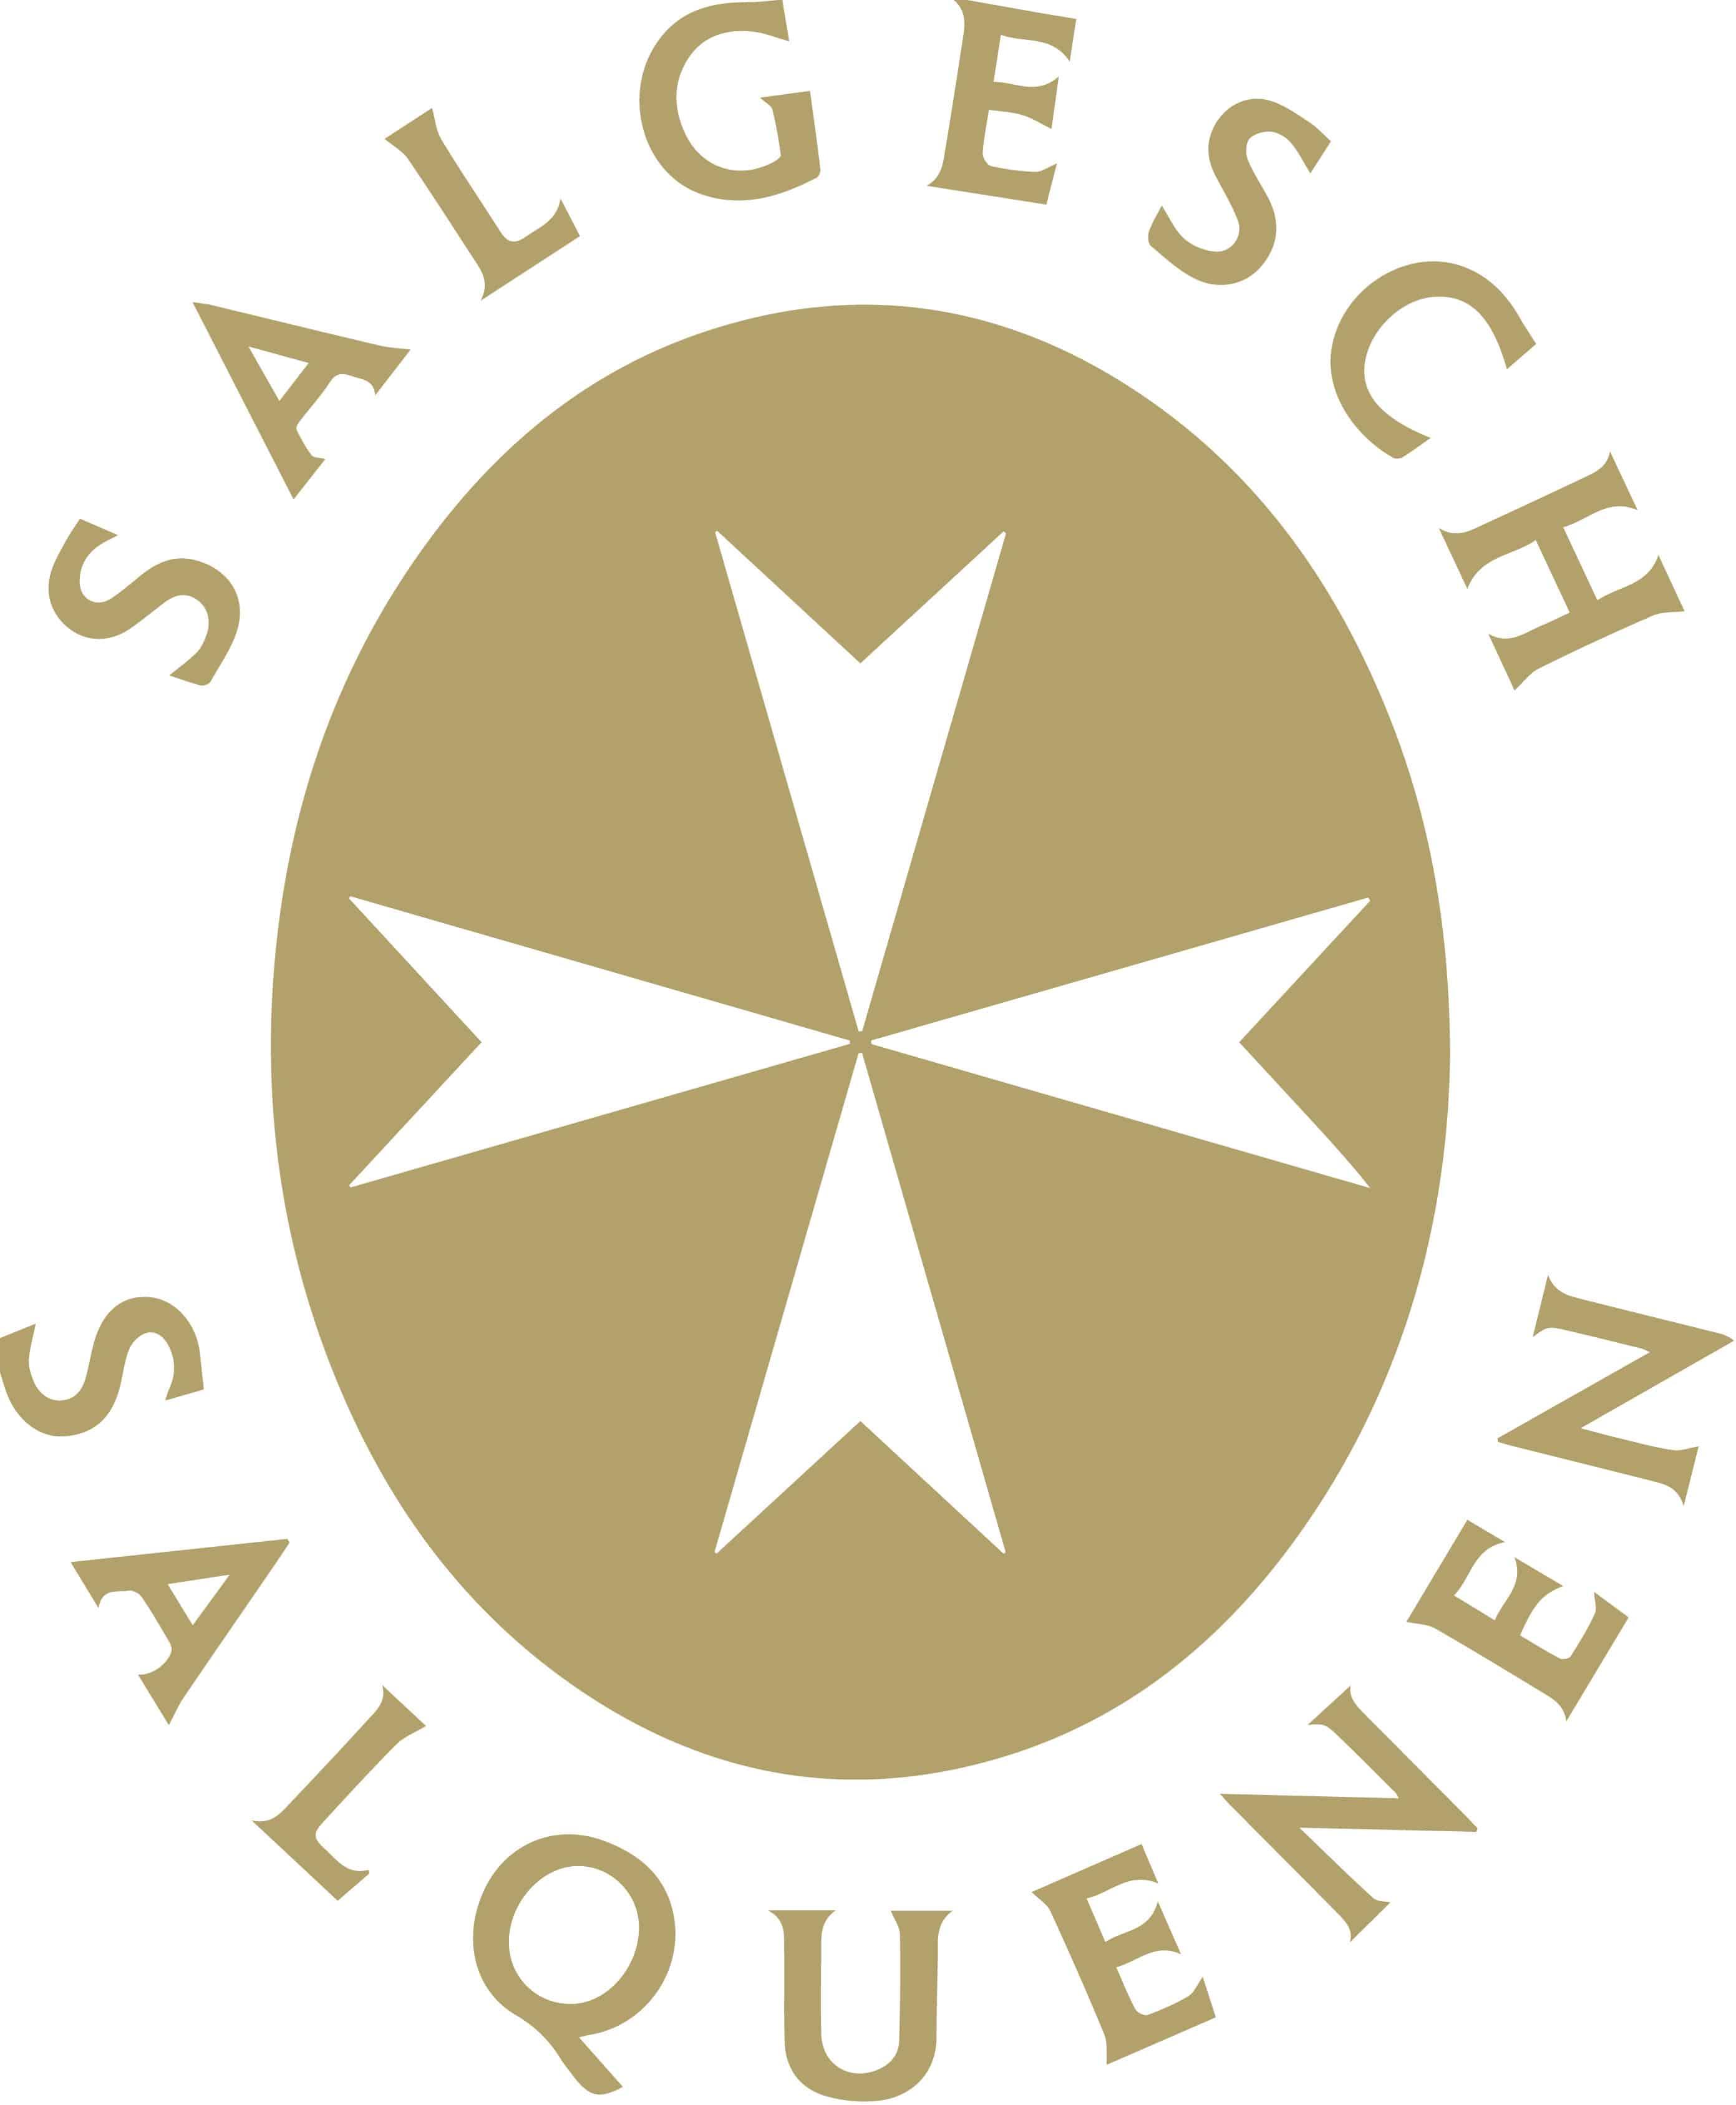 LogoSalgesch_GOLD